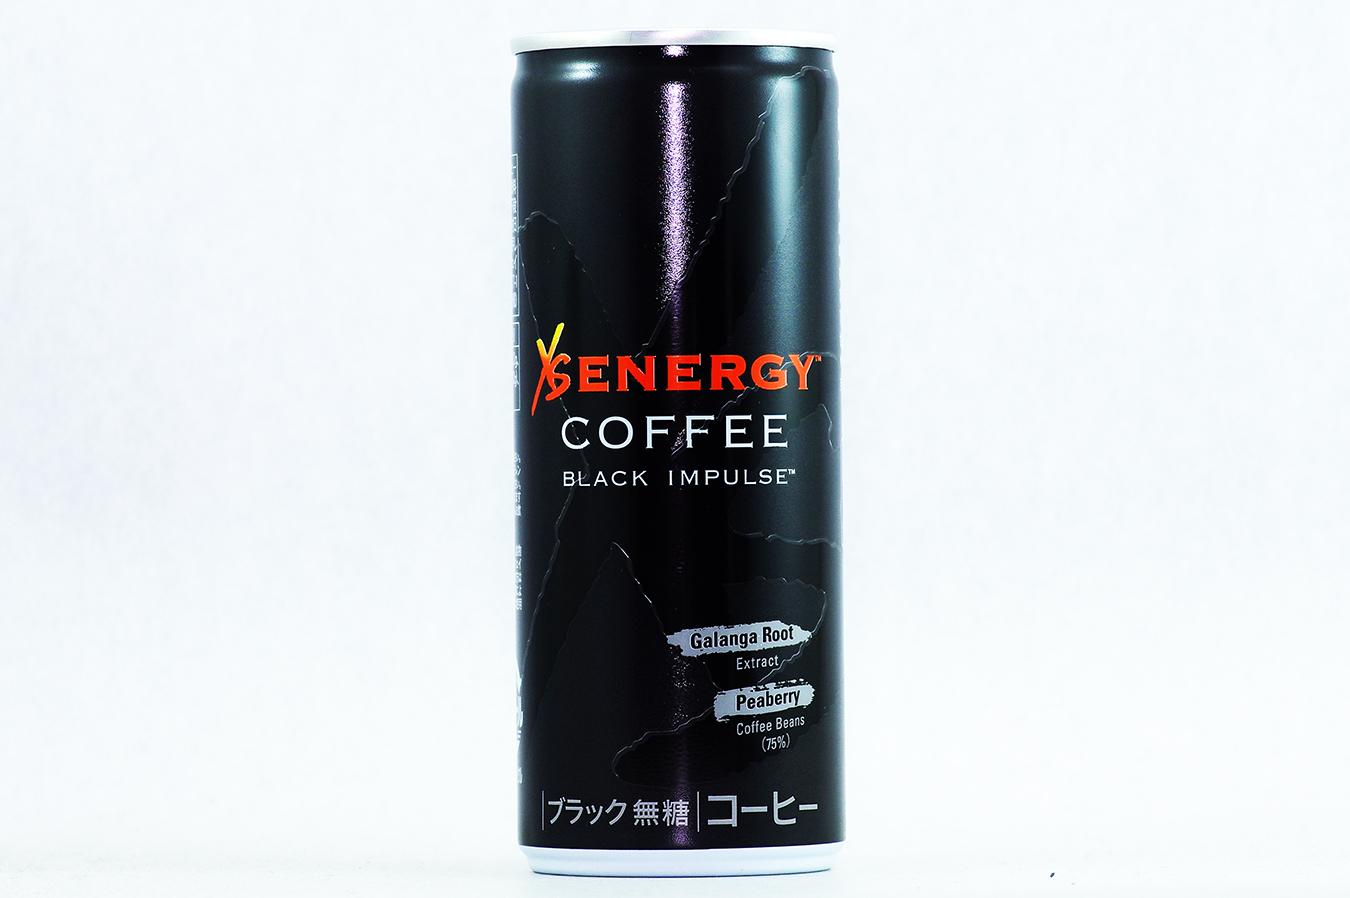 XS エナジーコーヒー 2018年6月